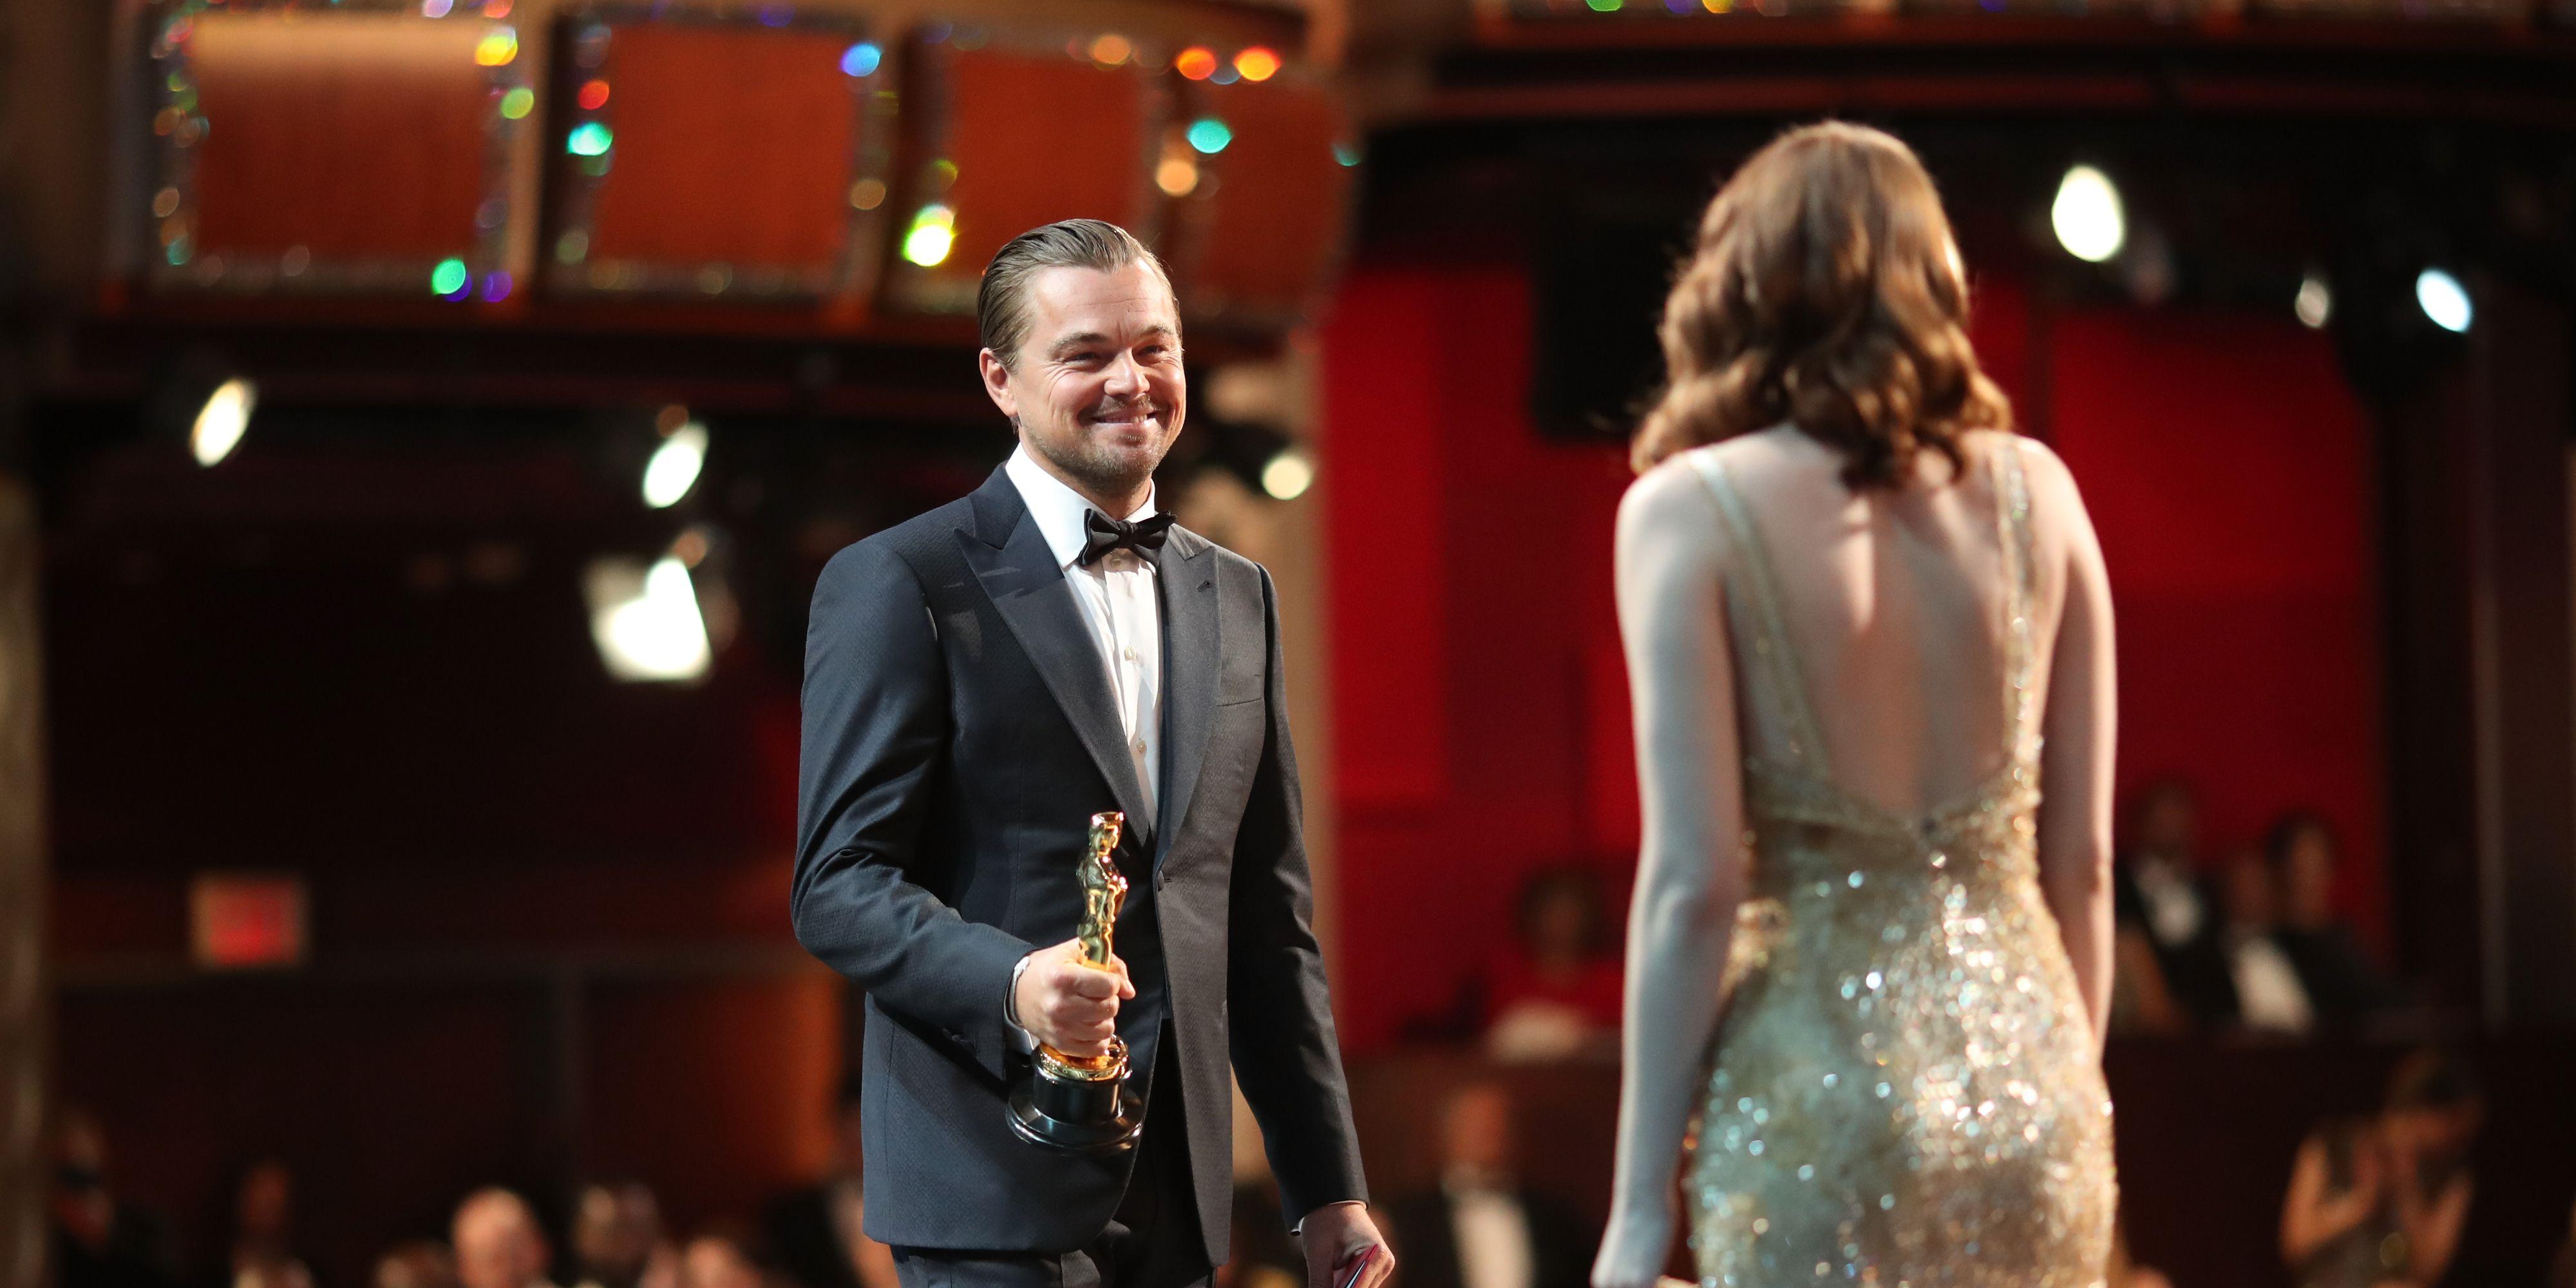 Leonardo DiCaprio en Emma Stone - Oscars 2019